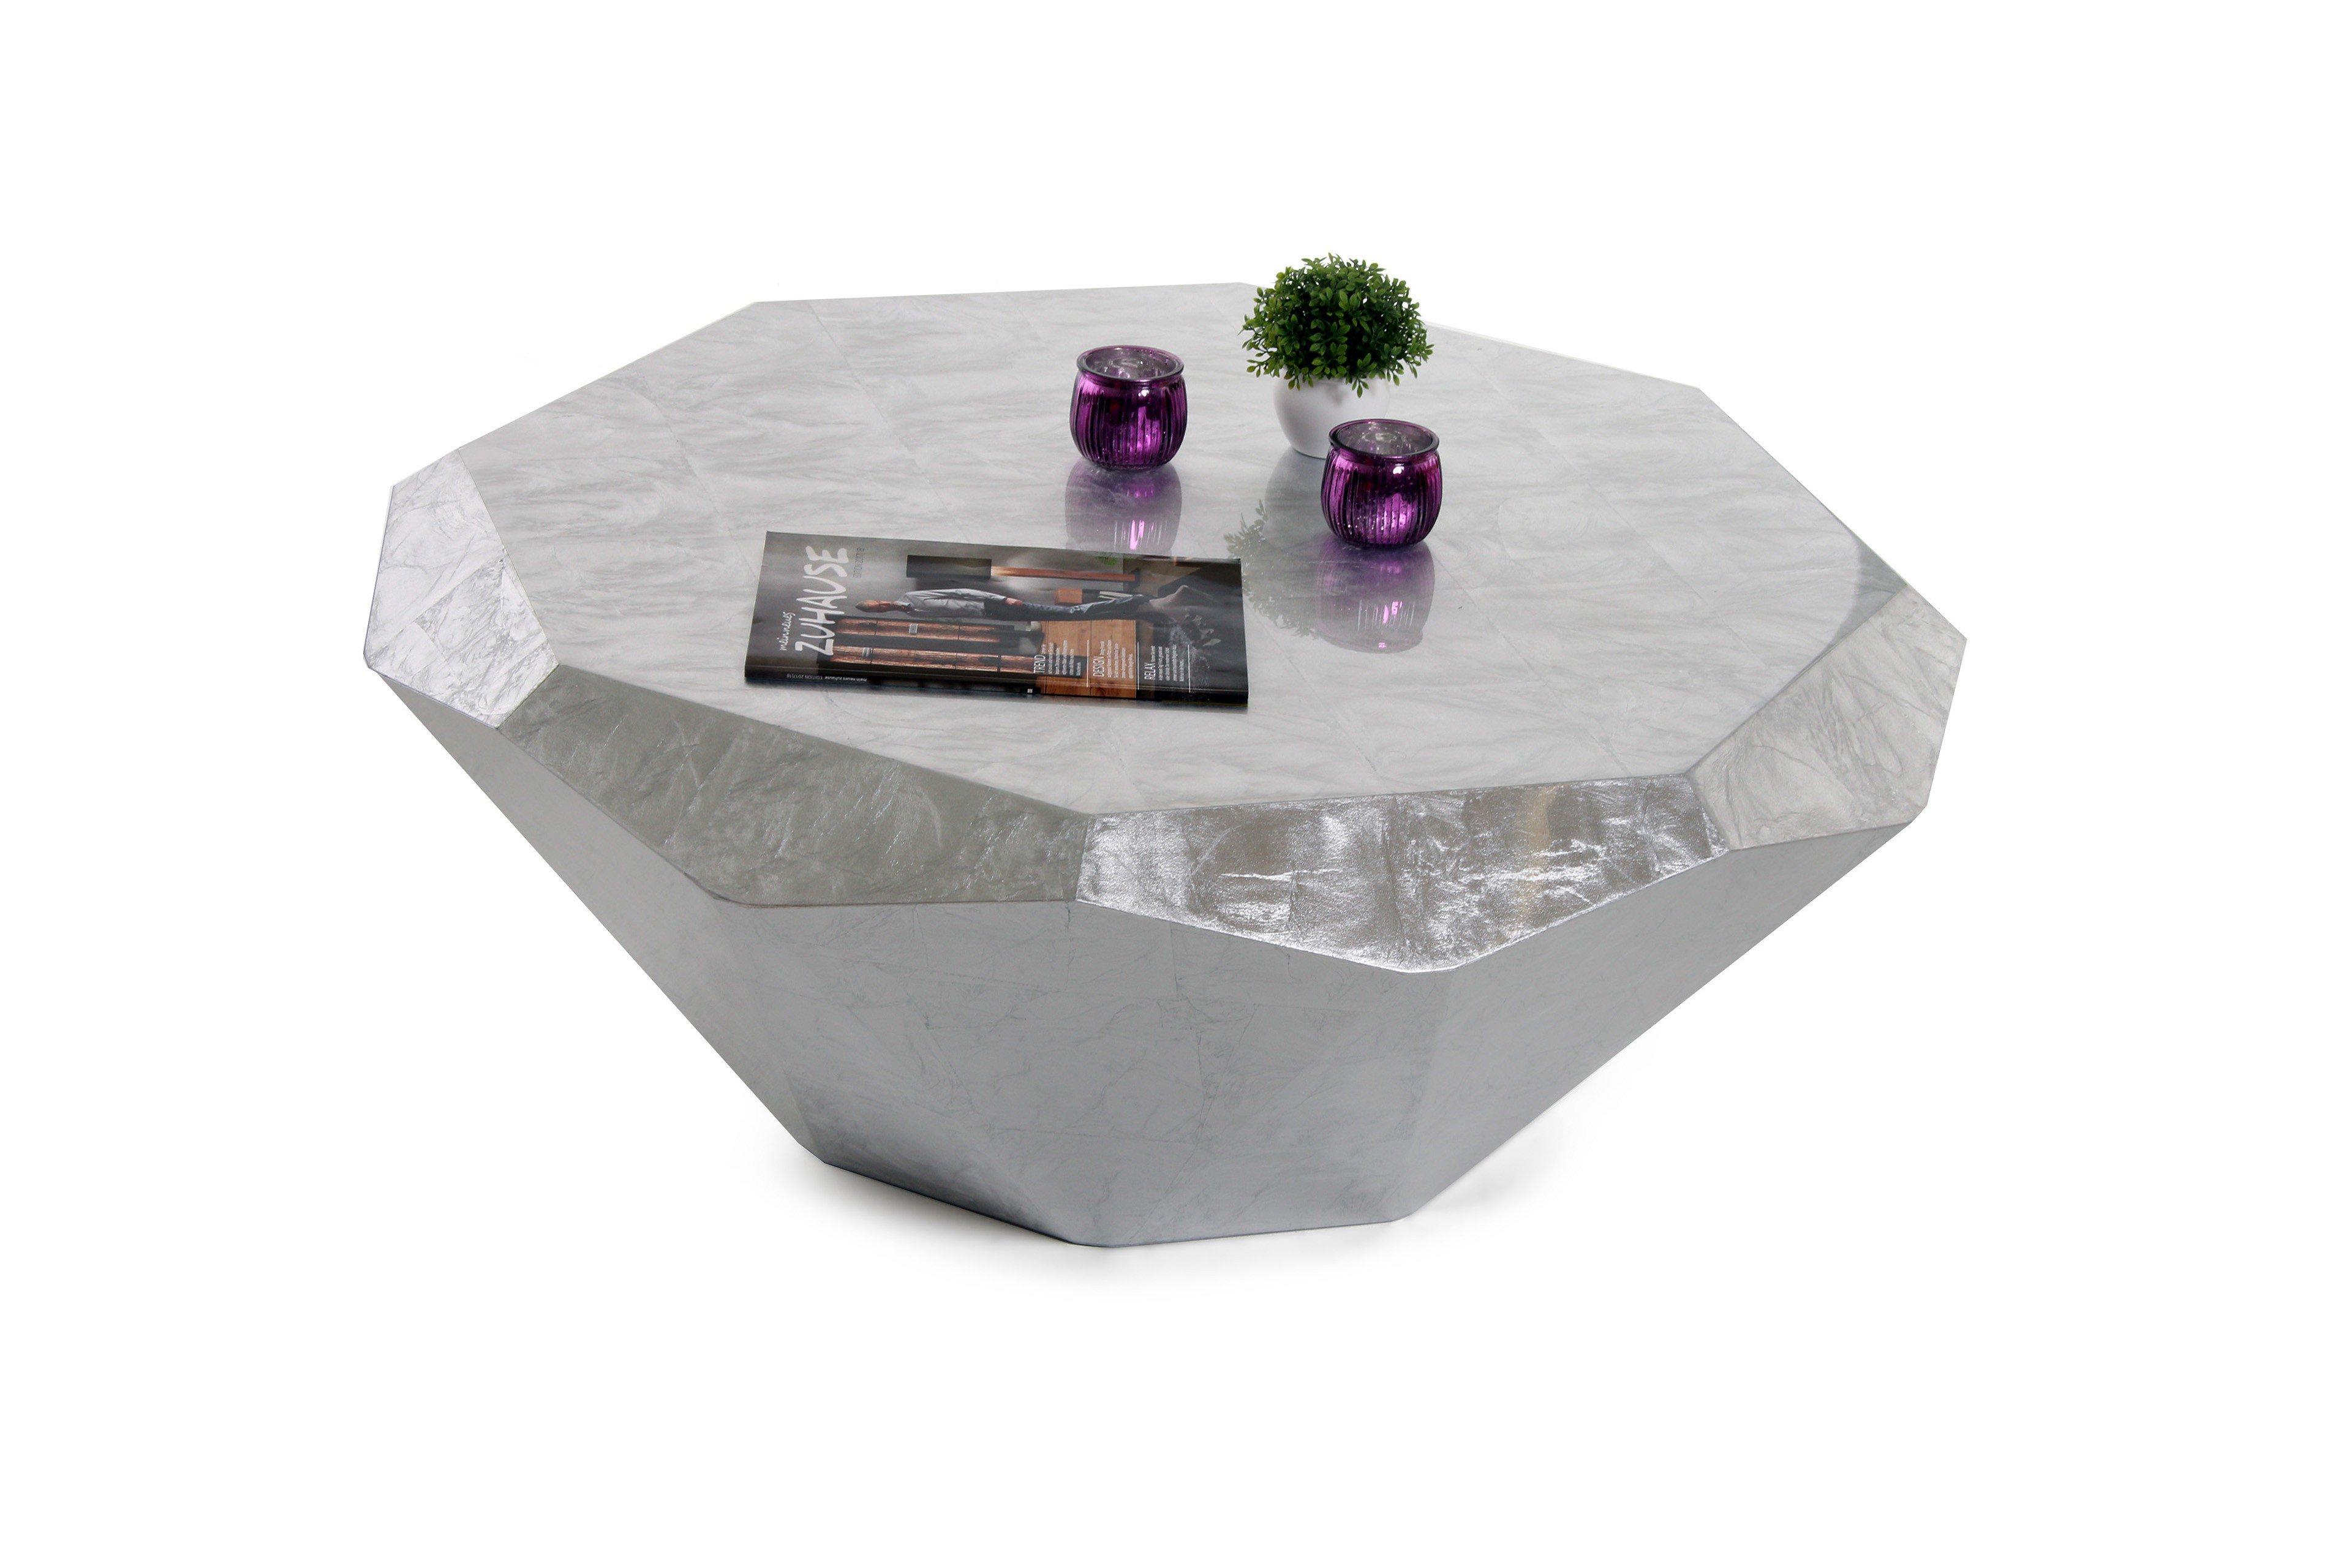 bretz couchtisch stealth r145s silber m bel letz ihr online m bel shop. Black Bedroom Furniture Sets. Home Design Ideas